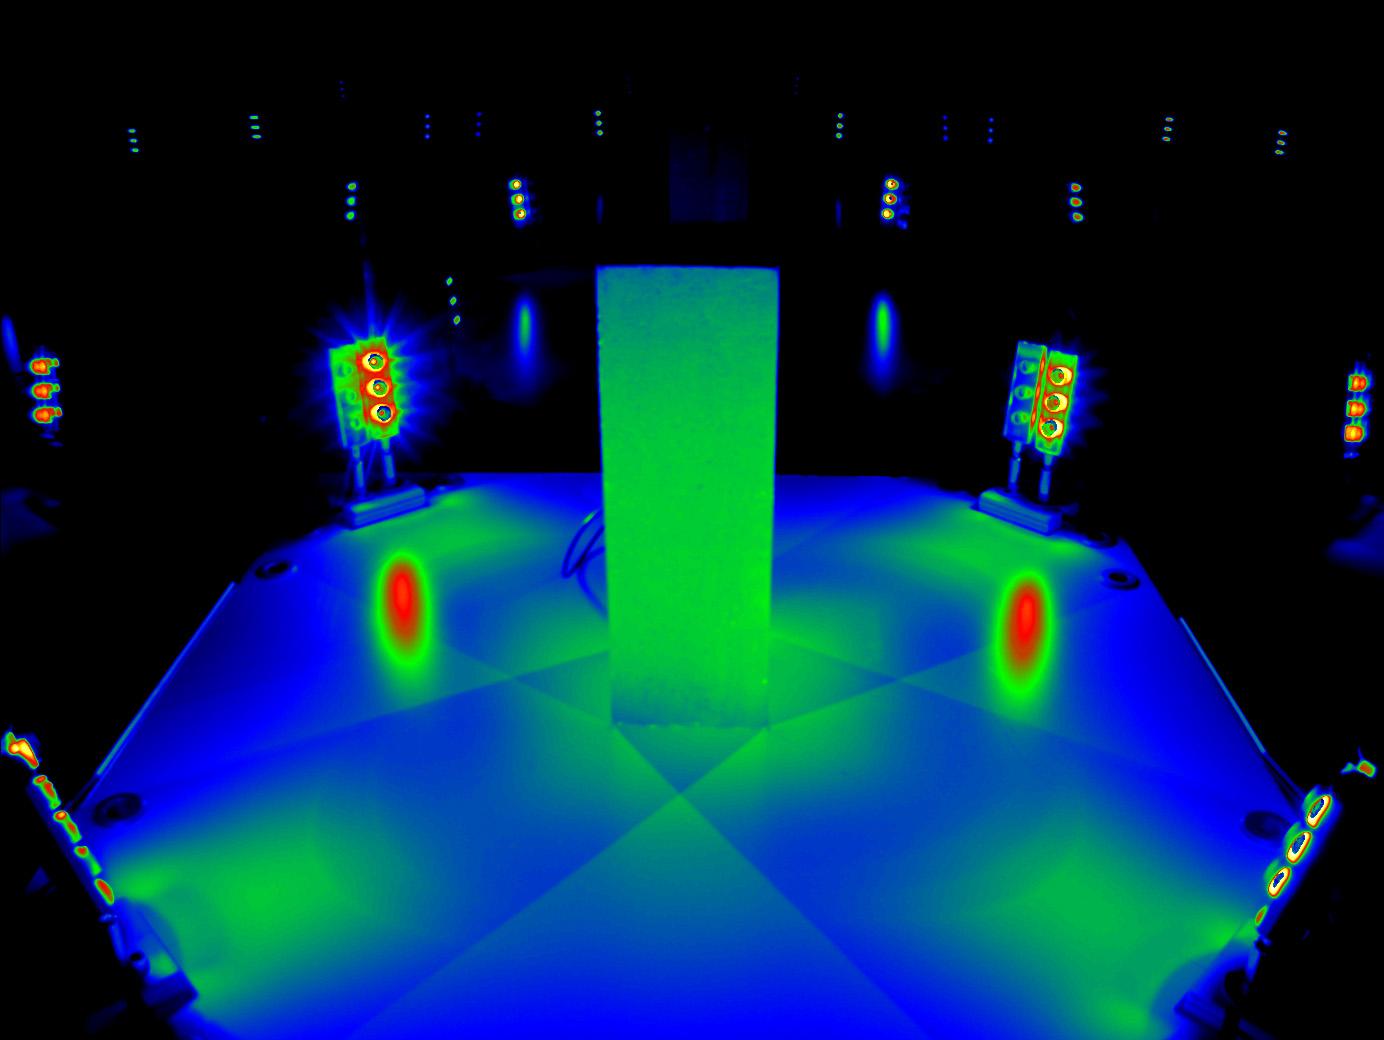 Sistemi led per applicazioni in vetrine museali luce e for Sistemi di illuminazione led